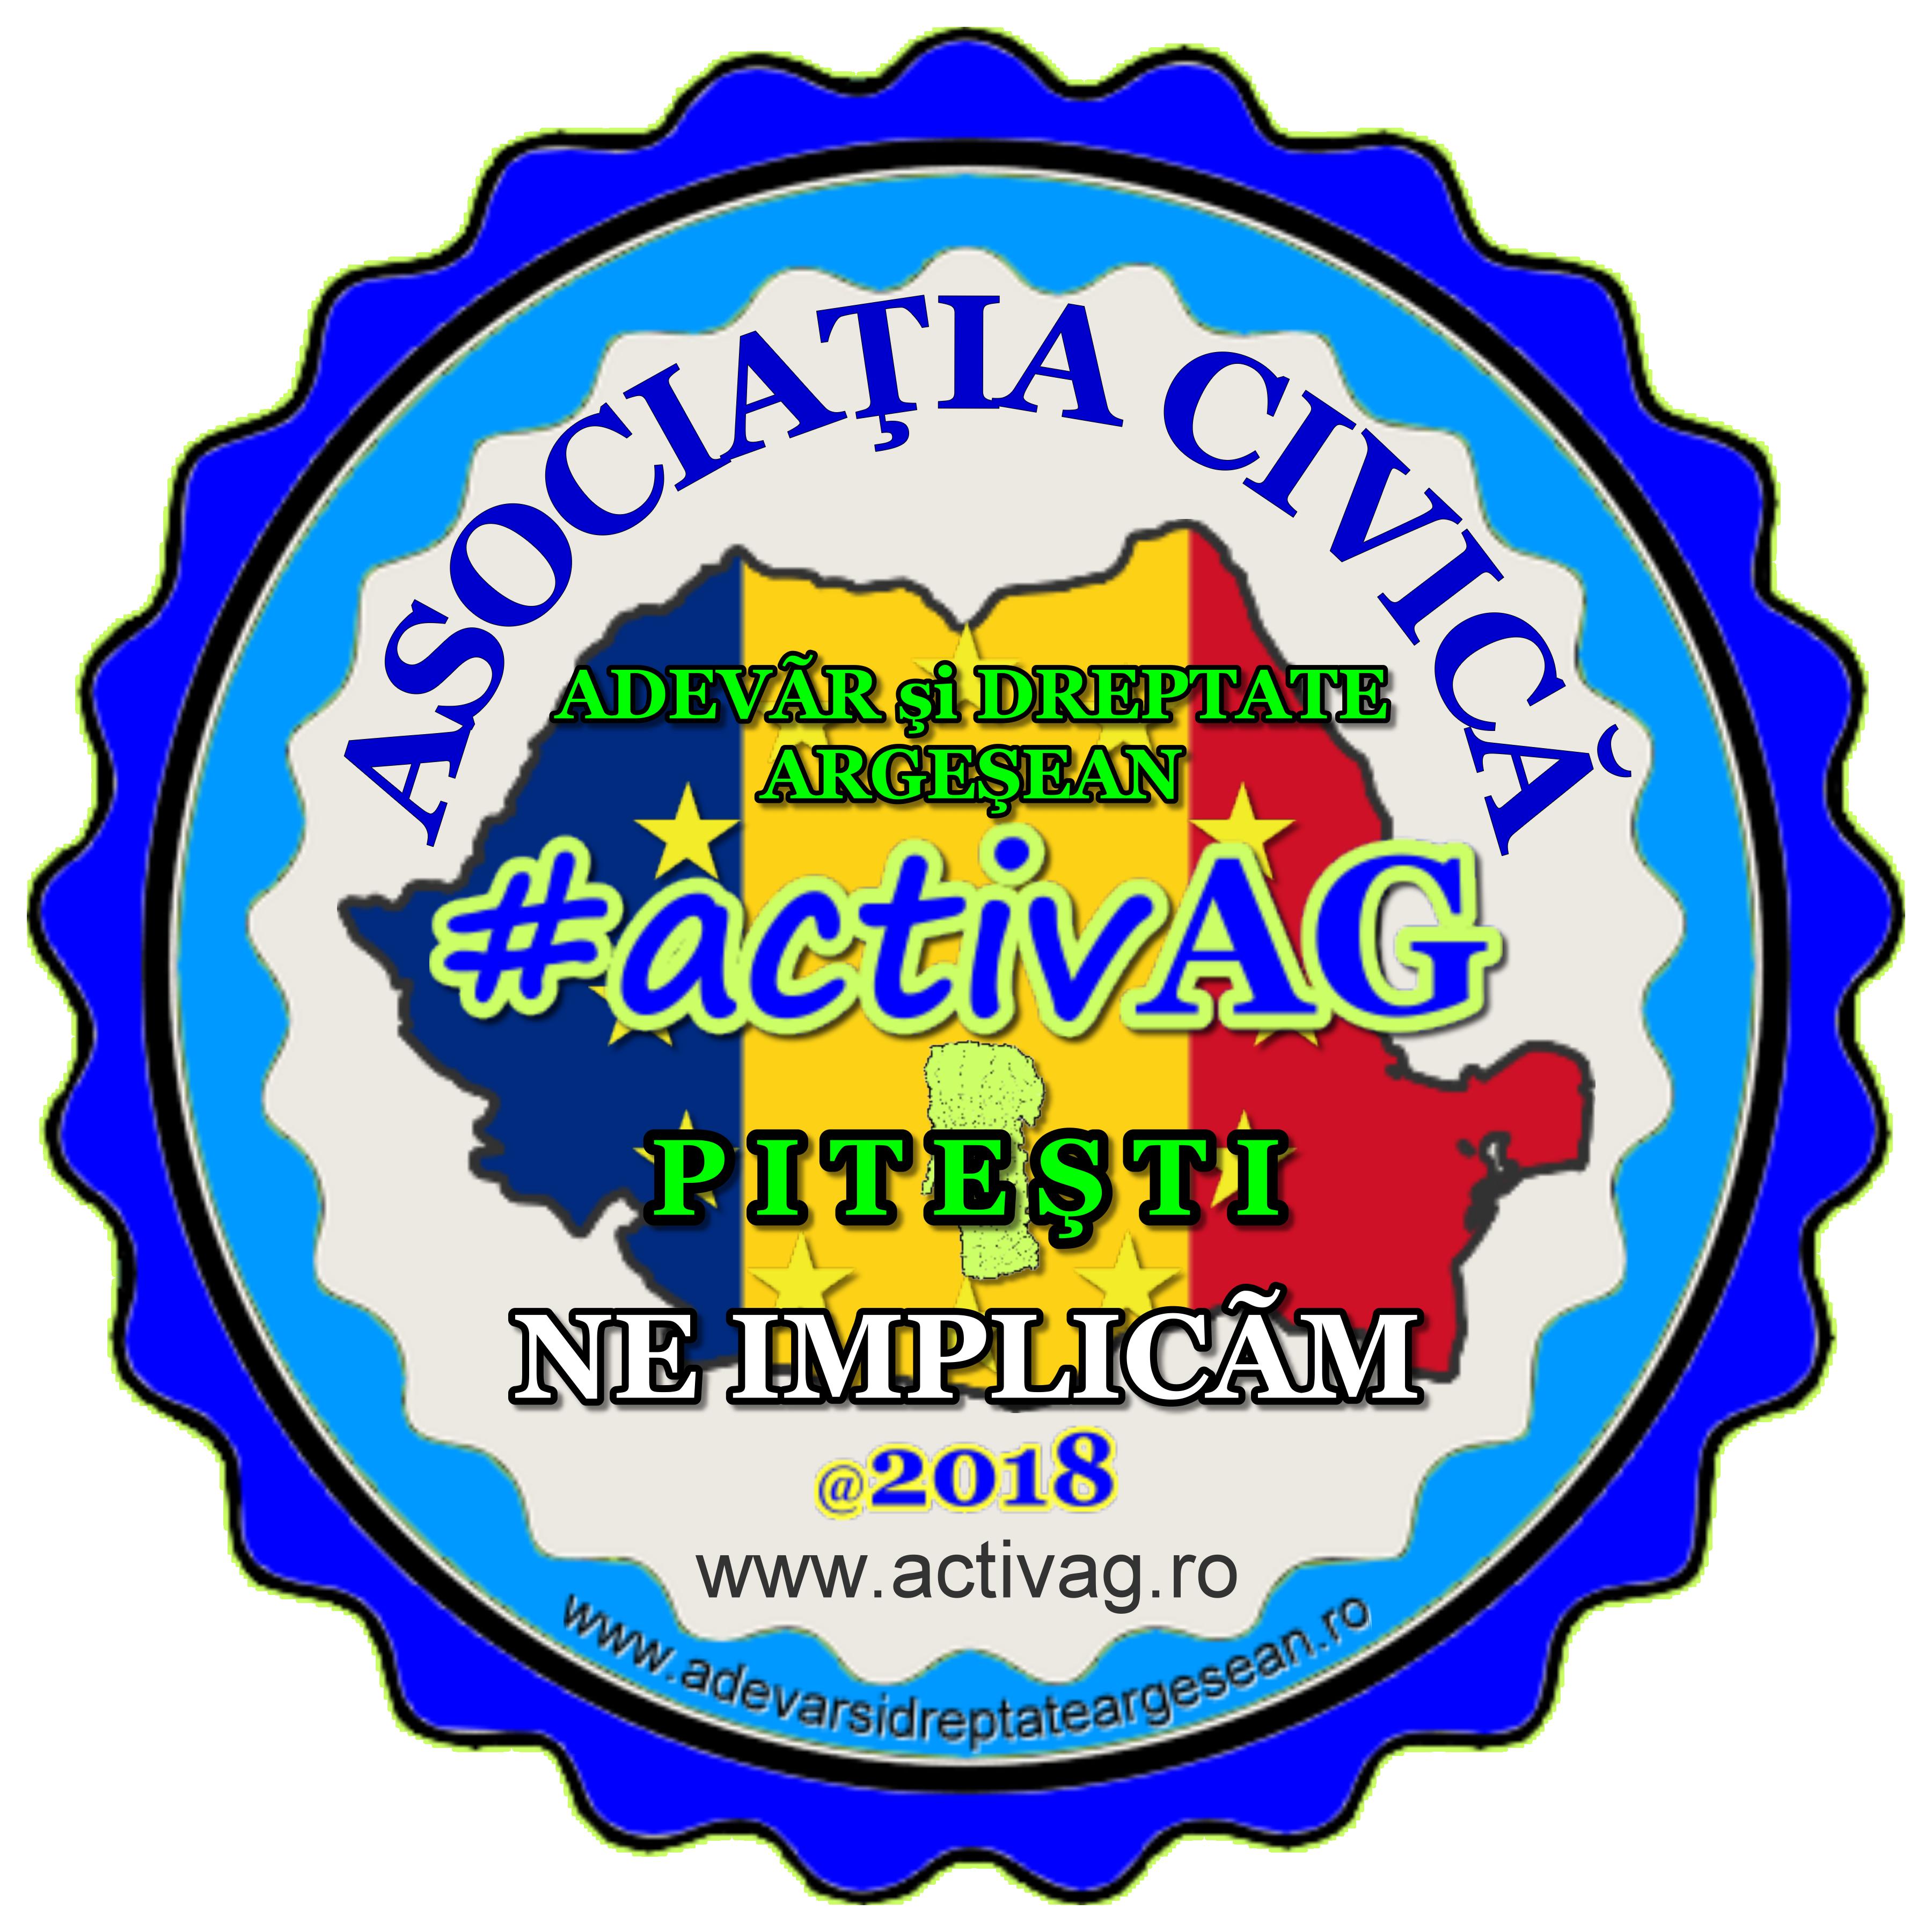 Asociația Civică Adevăr și Dreptate Argeșean #activAG Pitești logo